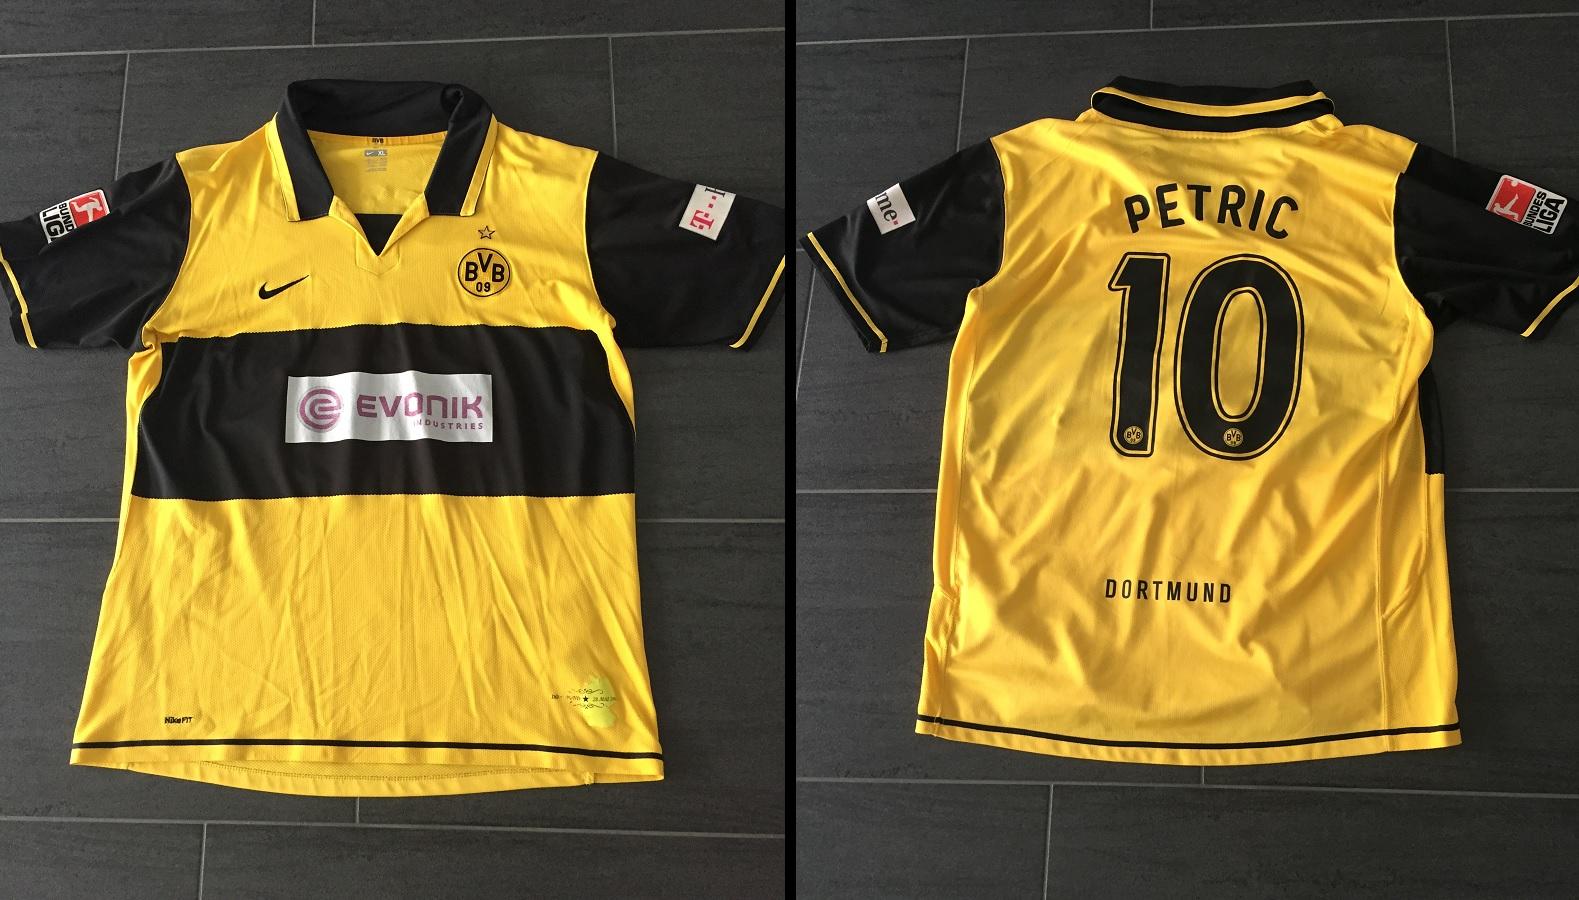 Borussia Dortmund Home 2007/08 Petric